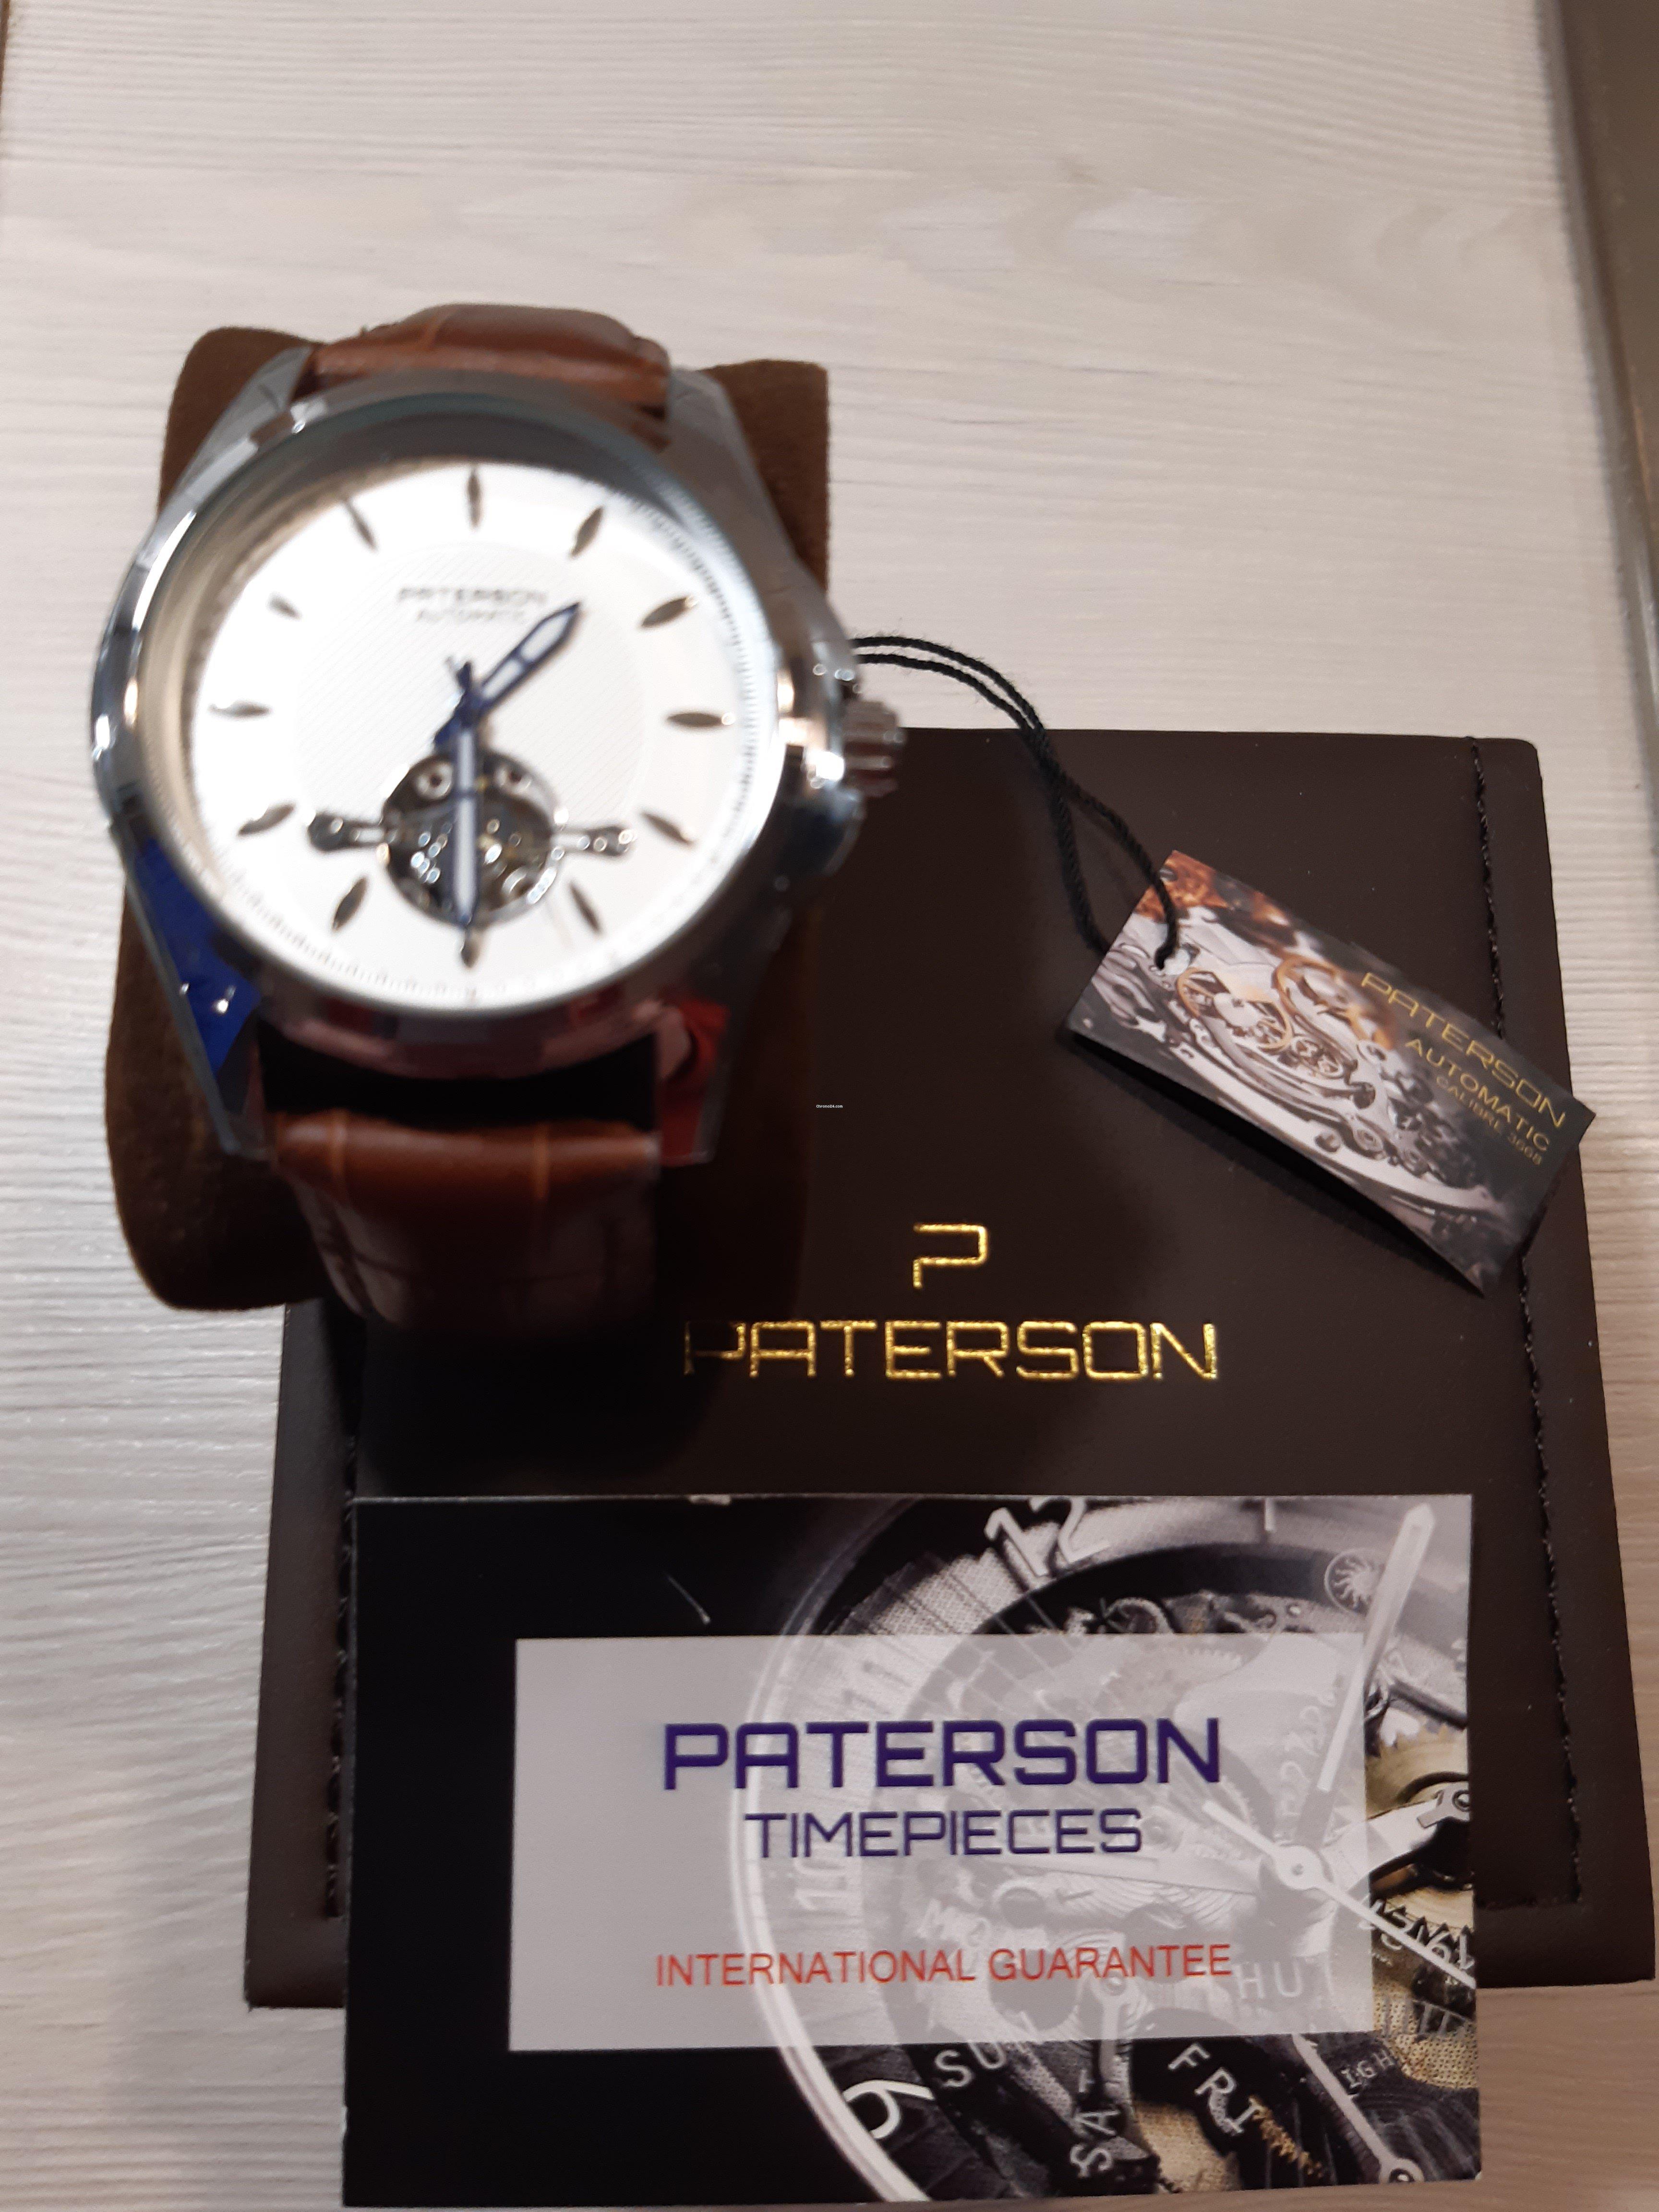 Paterson Timepiece Limited Edition à vendre pour 95 € par un